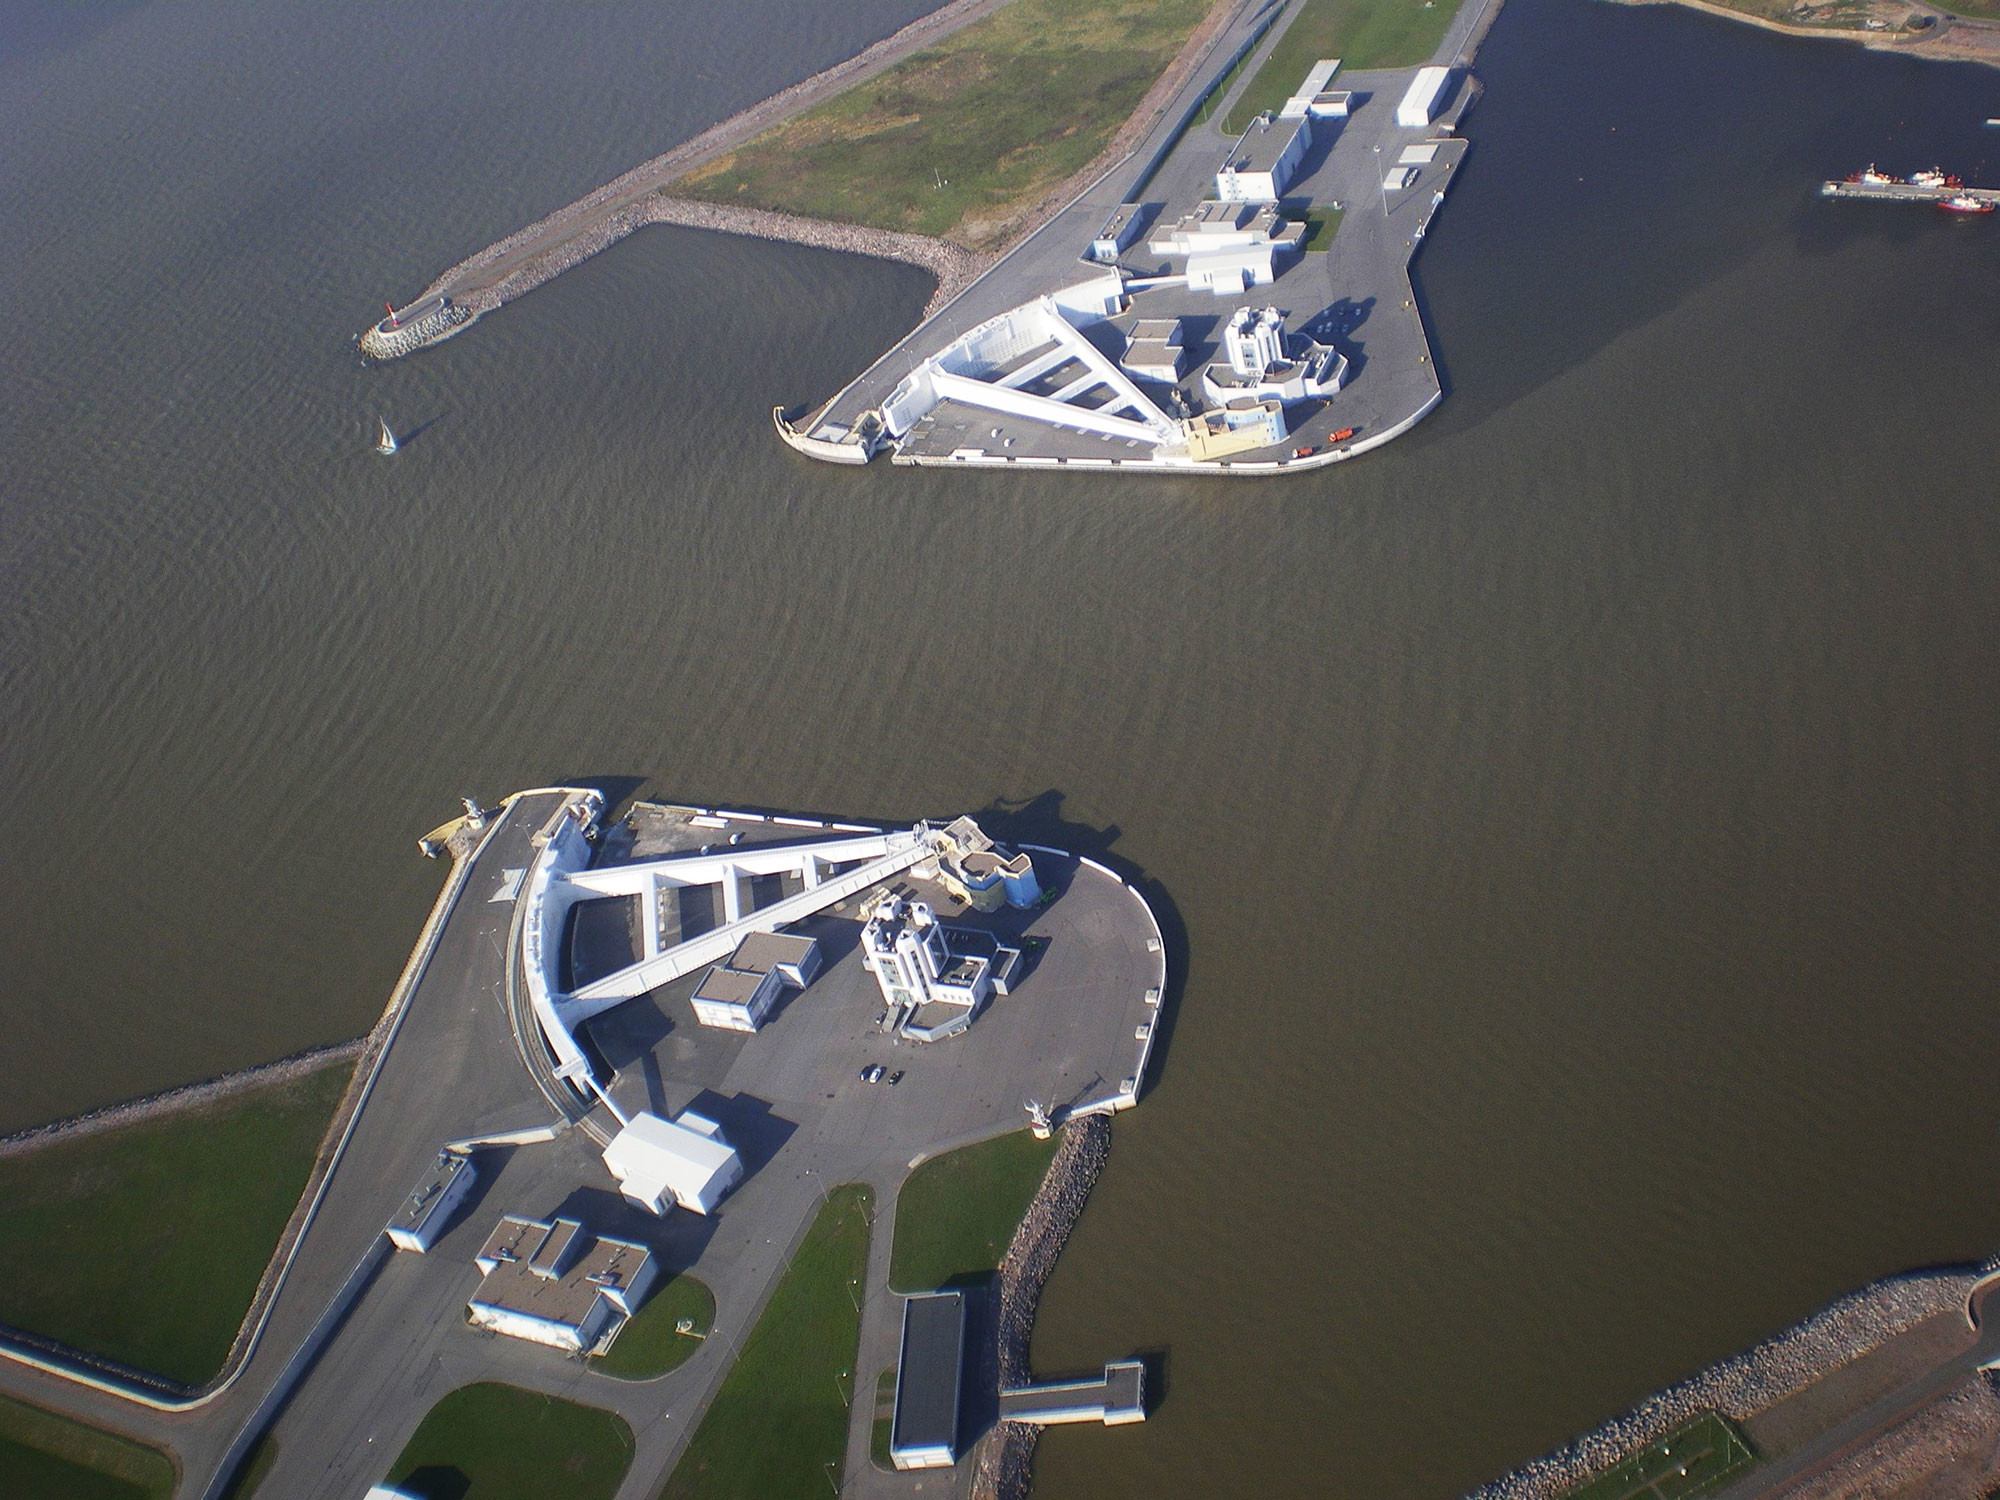 Судопропускное сооружение С-1 — часть комплекса защитных сооружений Санкт-Петербурга от наводнений, предназначенная для пропуска судов водоизмещением до 100 тысяч тонн. Фото: © Wikipedia.org